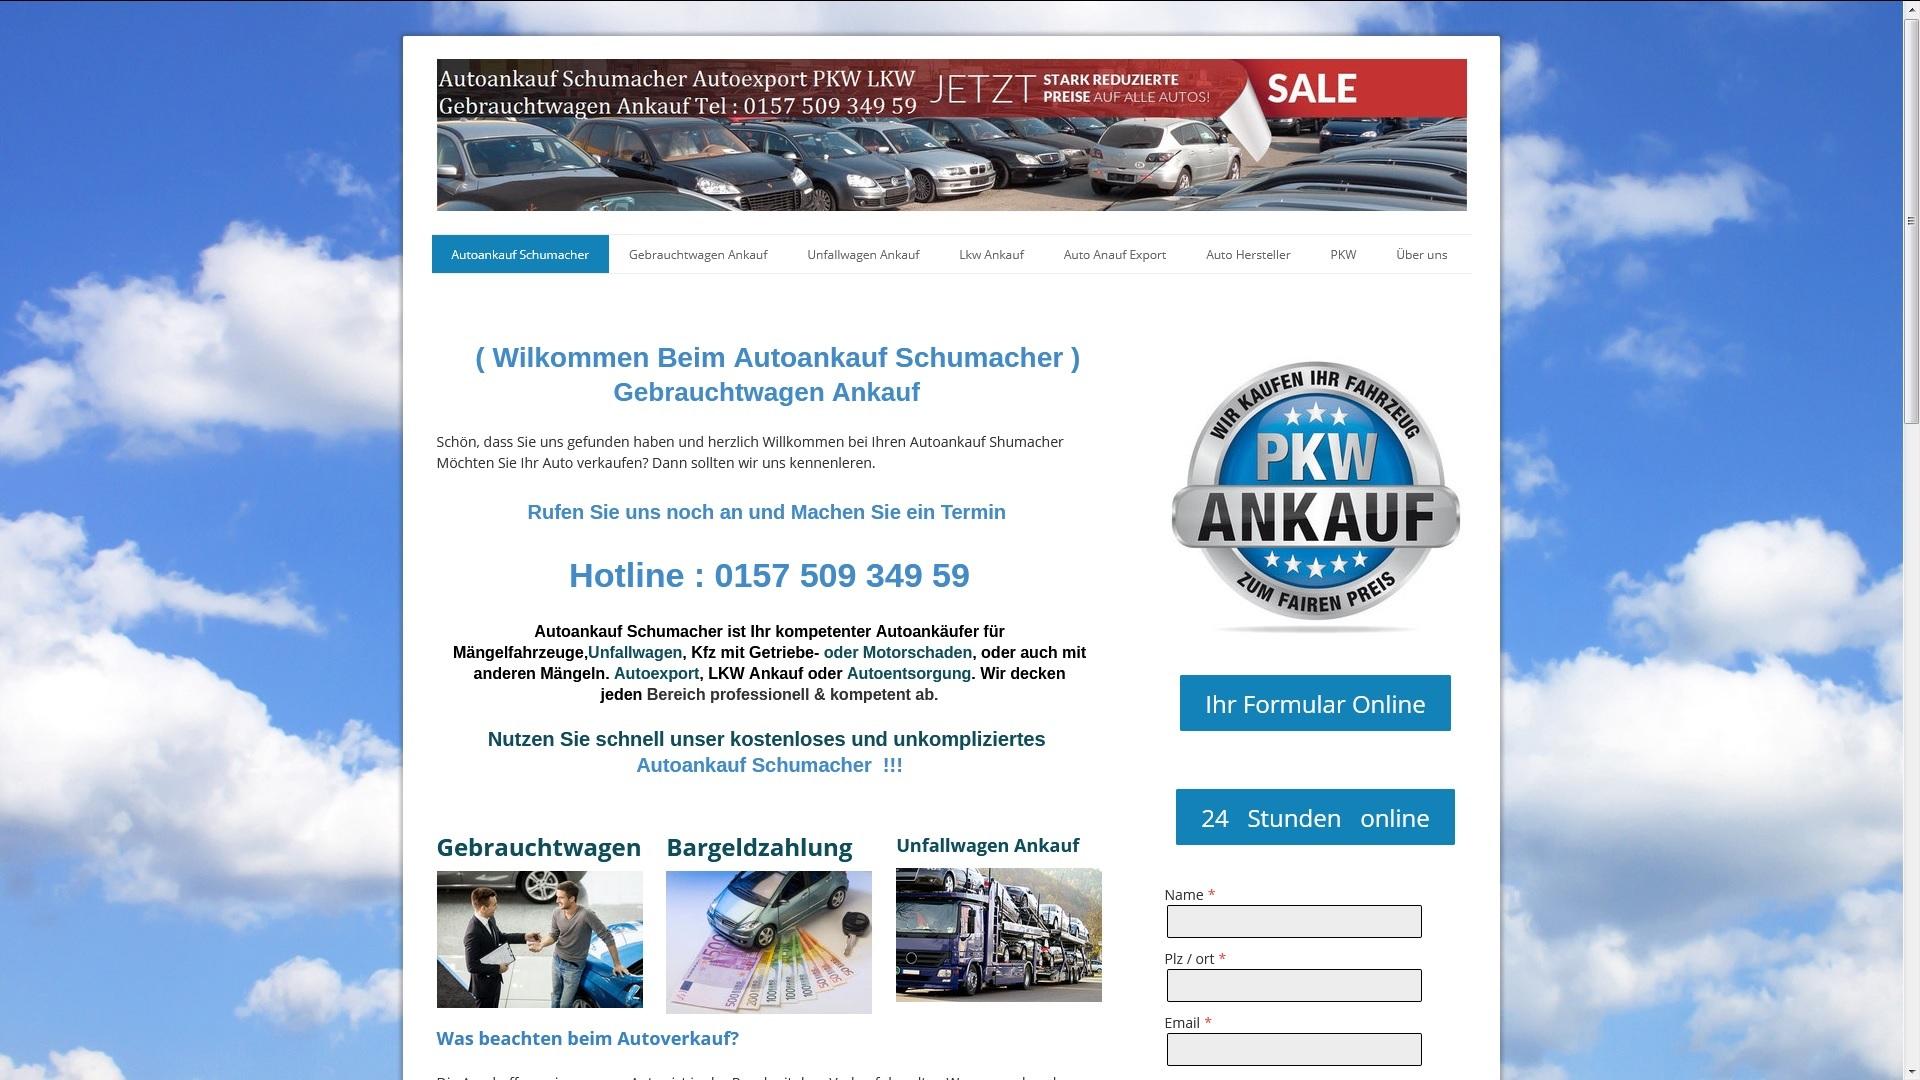 autoankauf ravensburg wir sind fokussiert auf pkw und lkw ankauf sowie auf den ankauf von maengelfahrzeugen - Autoankauf Ravensburg – Wir sind fokussiert auf PKW und LKW-Ankauf sowie auf den Ankauf von Mängelfahrzeugen